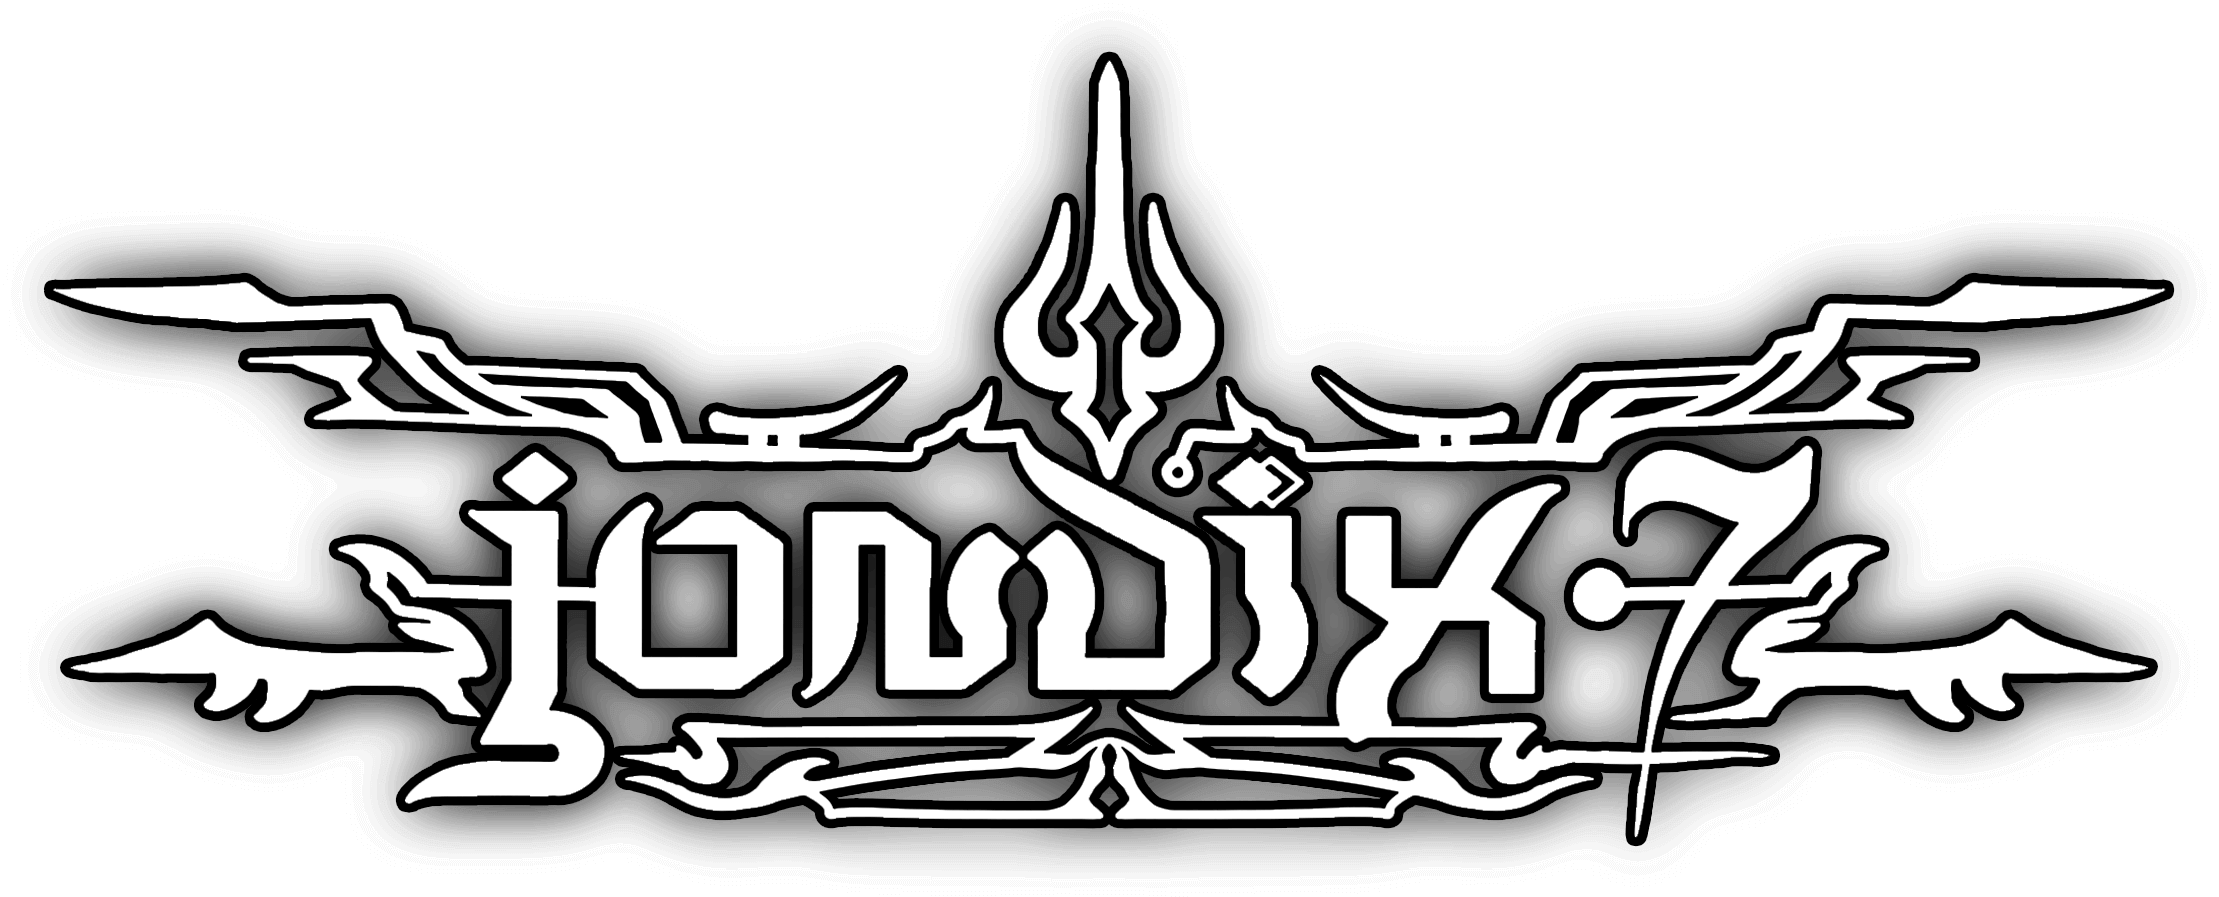 Jon Diaz Logo